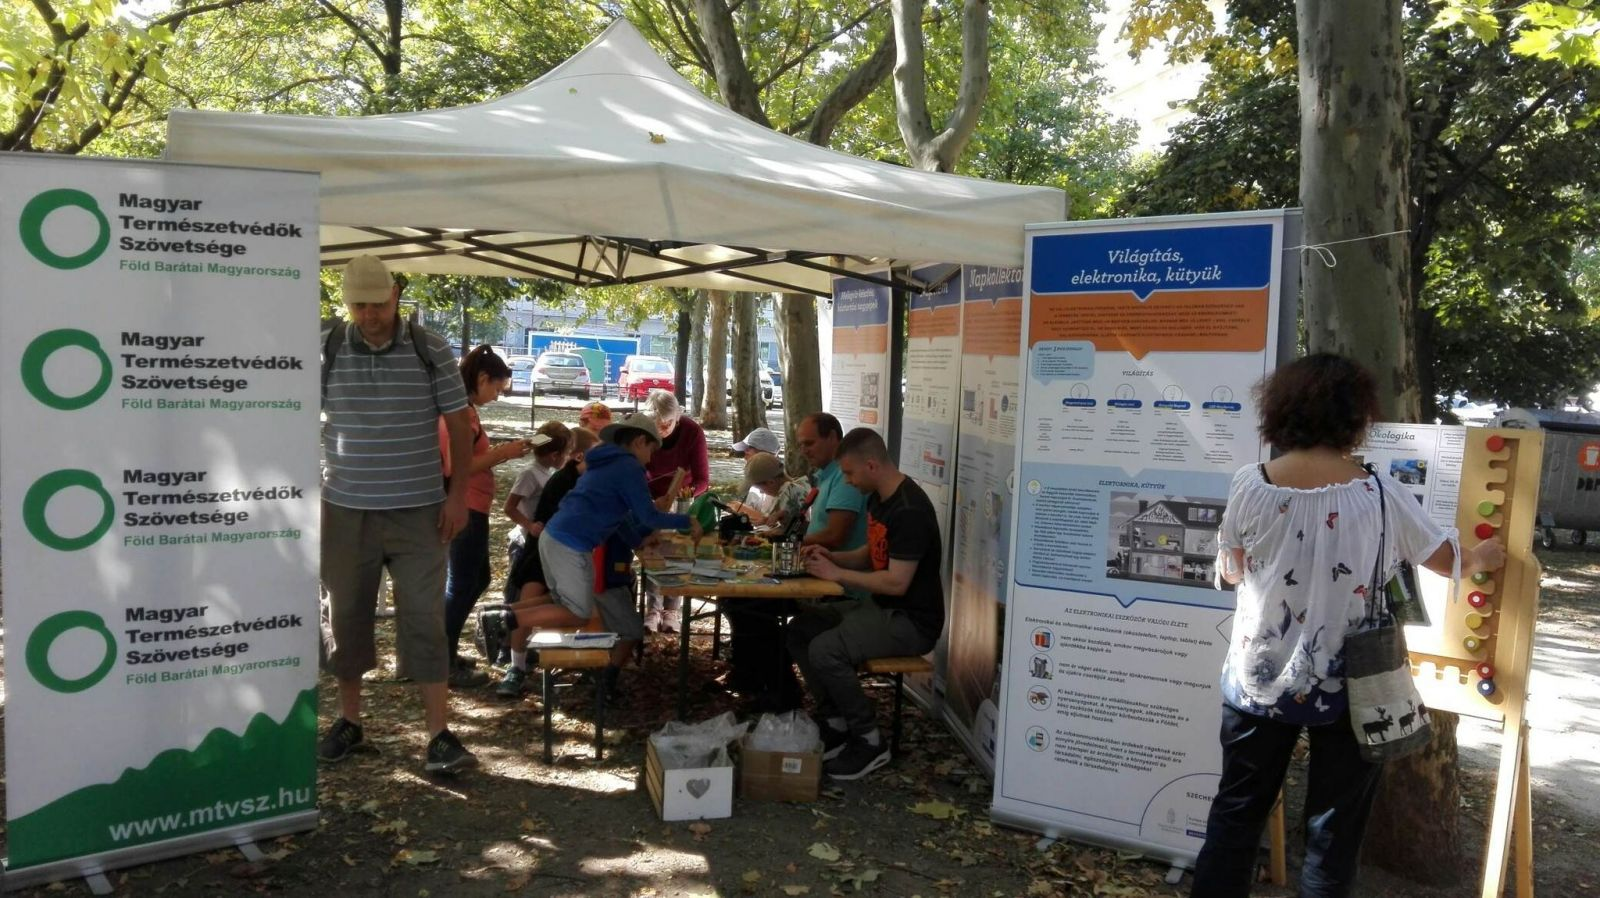 Nagy az érdeklődés Újbudán a háztartási energetikai felújítások kiállítás és tanácsadás iránt